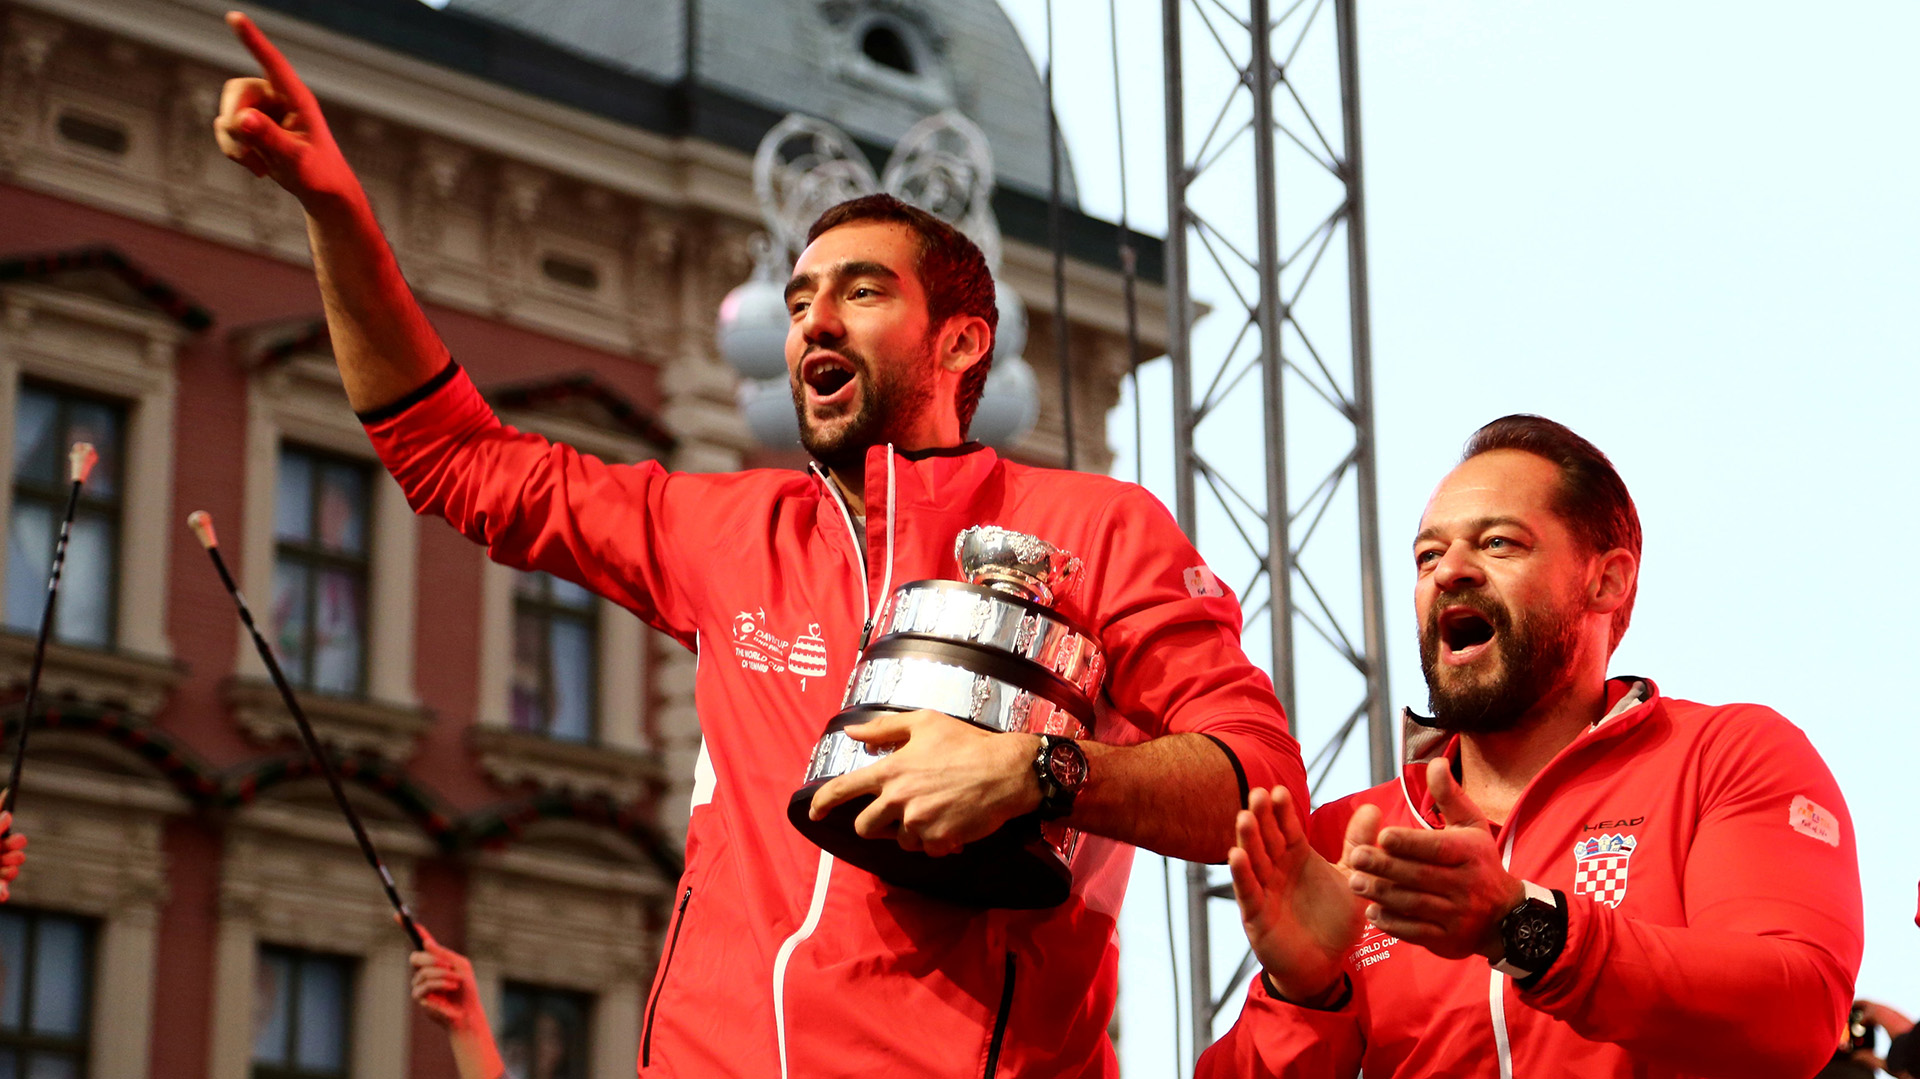 Francia había ganado el doble este sábado, gracias a Nicolas Mahut y Pierre-Hugues Herbert, que derrotaron a los croatas Mate Pavic e Ivan Dodig y forzaron el cuarto duelo